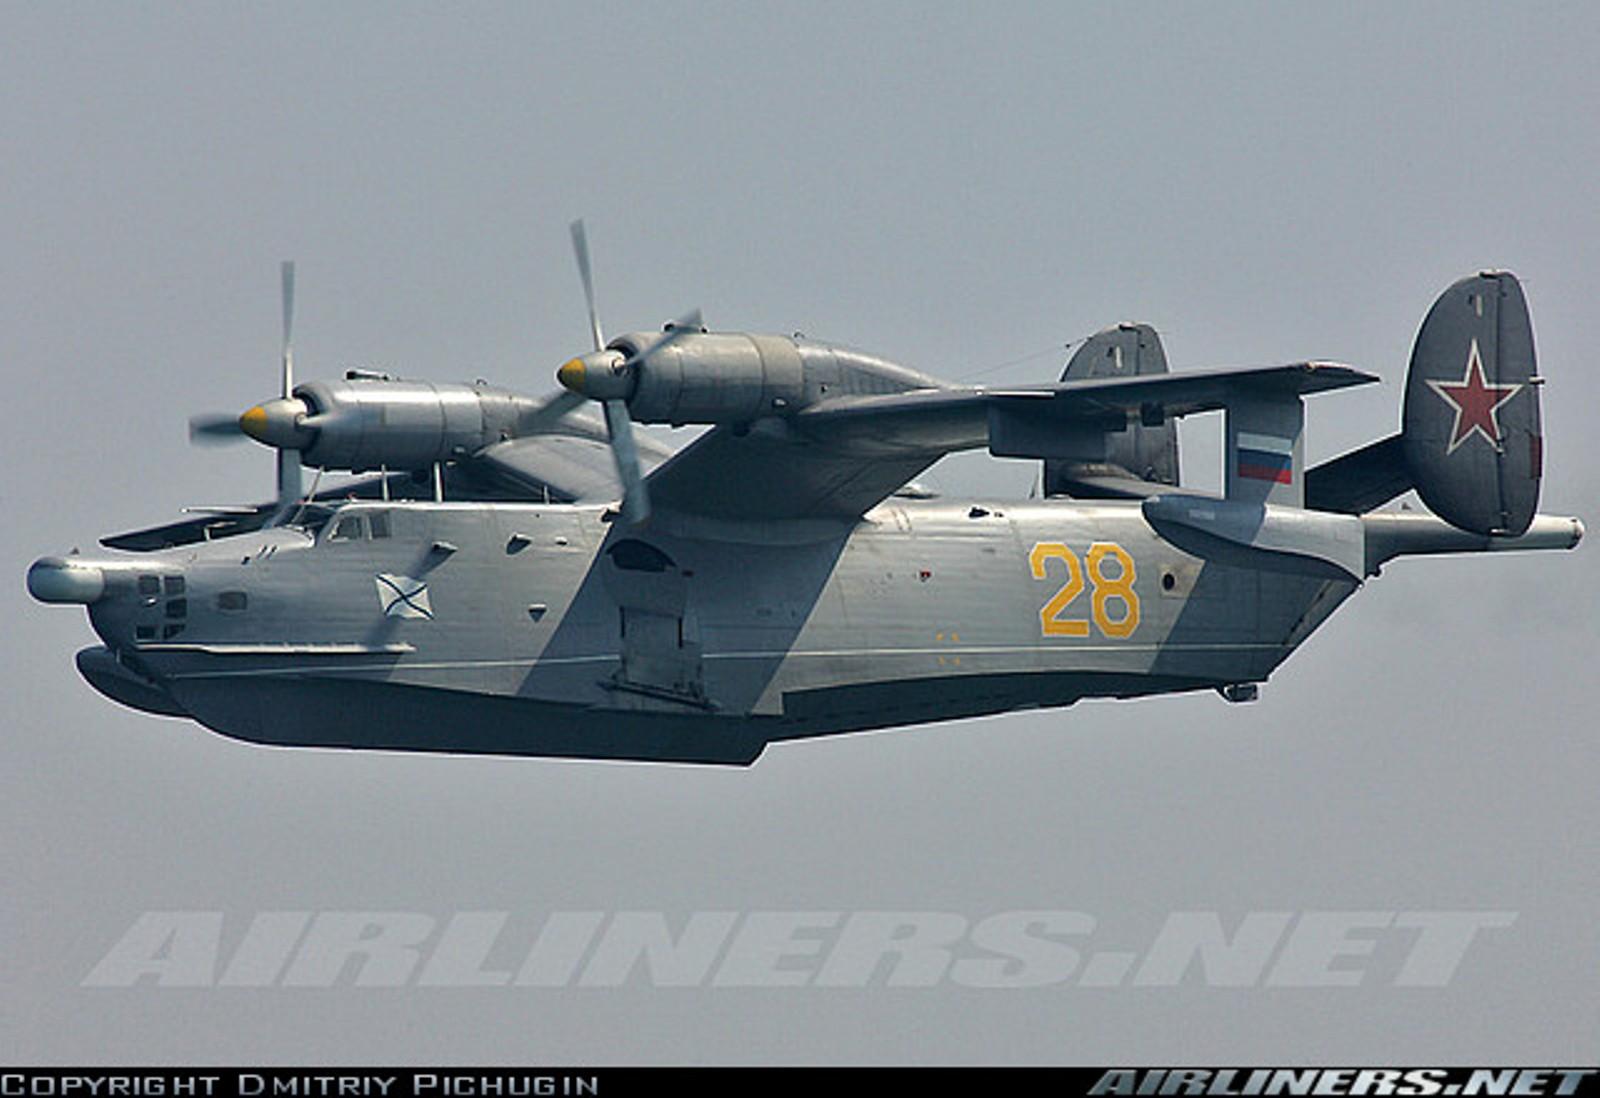 Самолёт-амфибия Георгия Михайловича Бериева Бе-12 Военная модификация